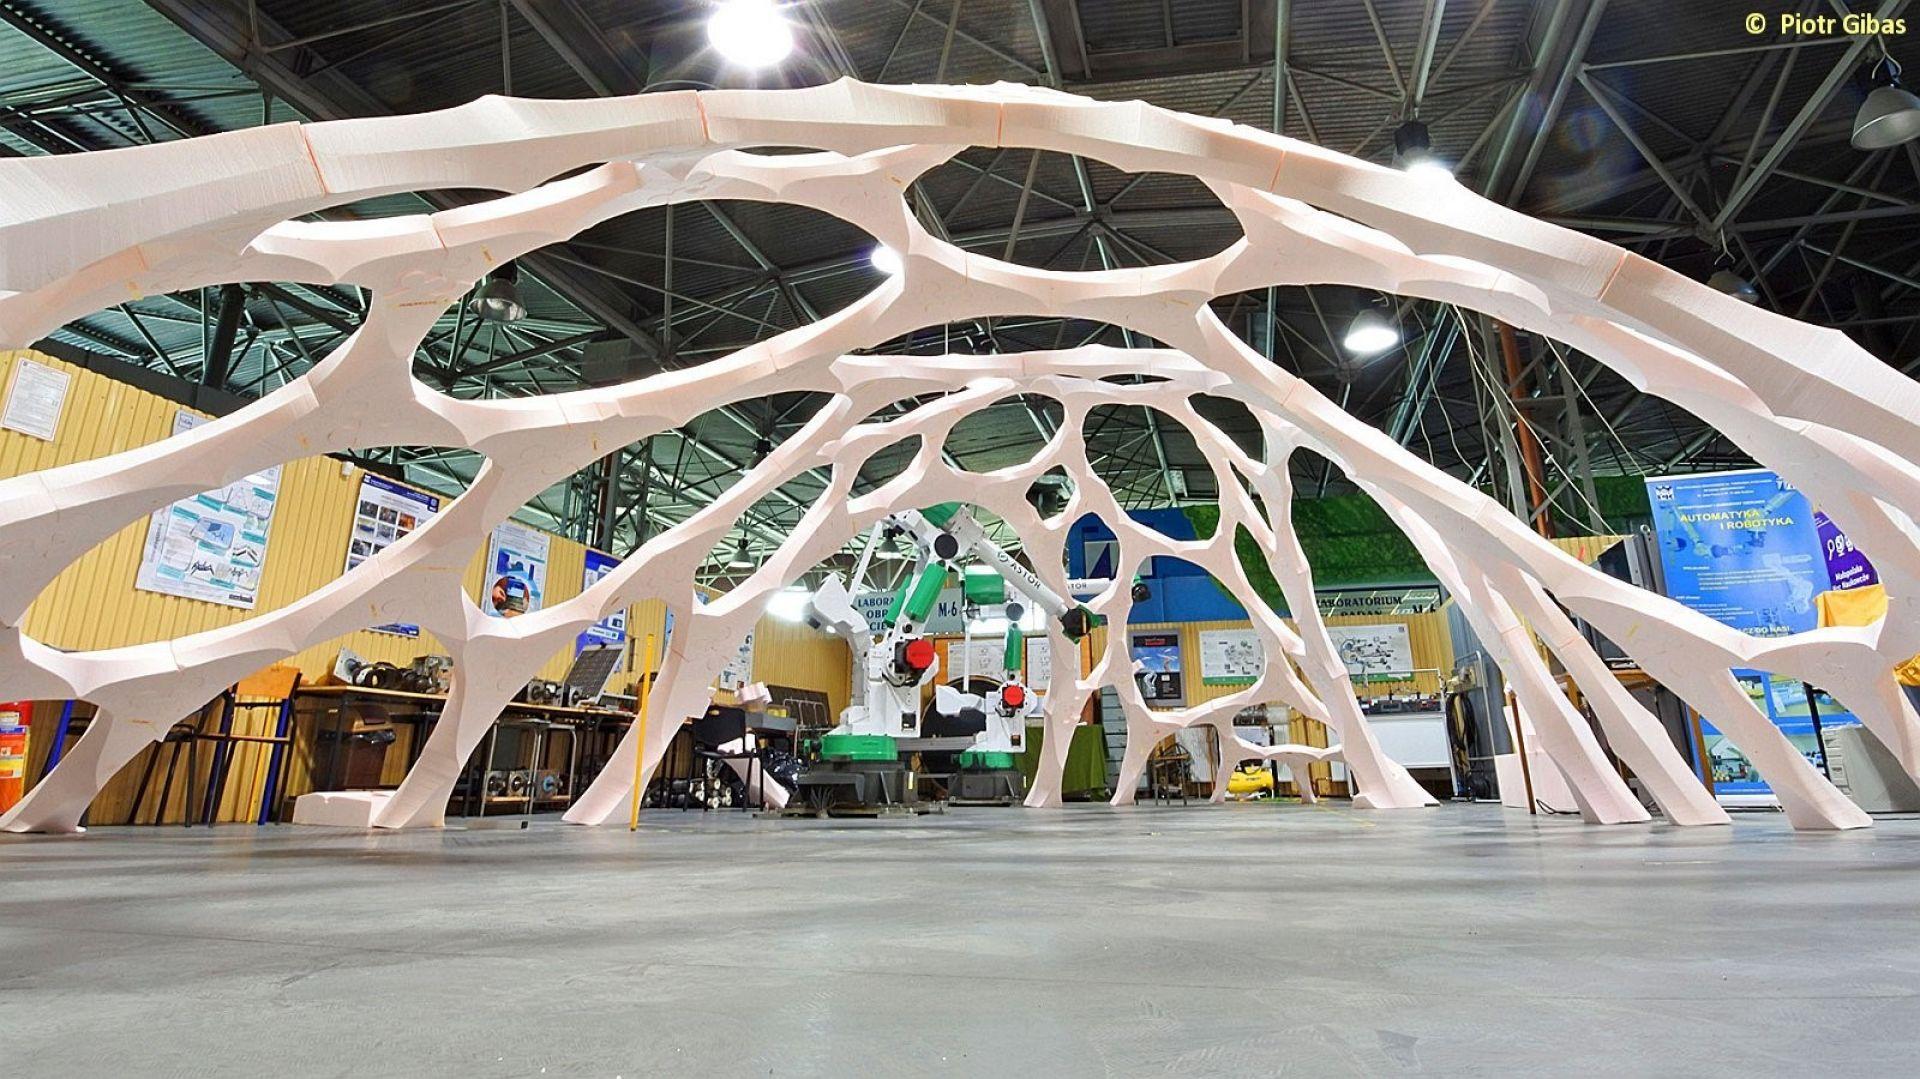 Architektoniczna konstrukcja przyszłości, fot. Piotr Gibas.jpg